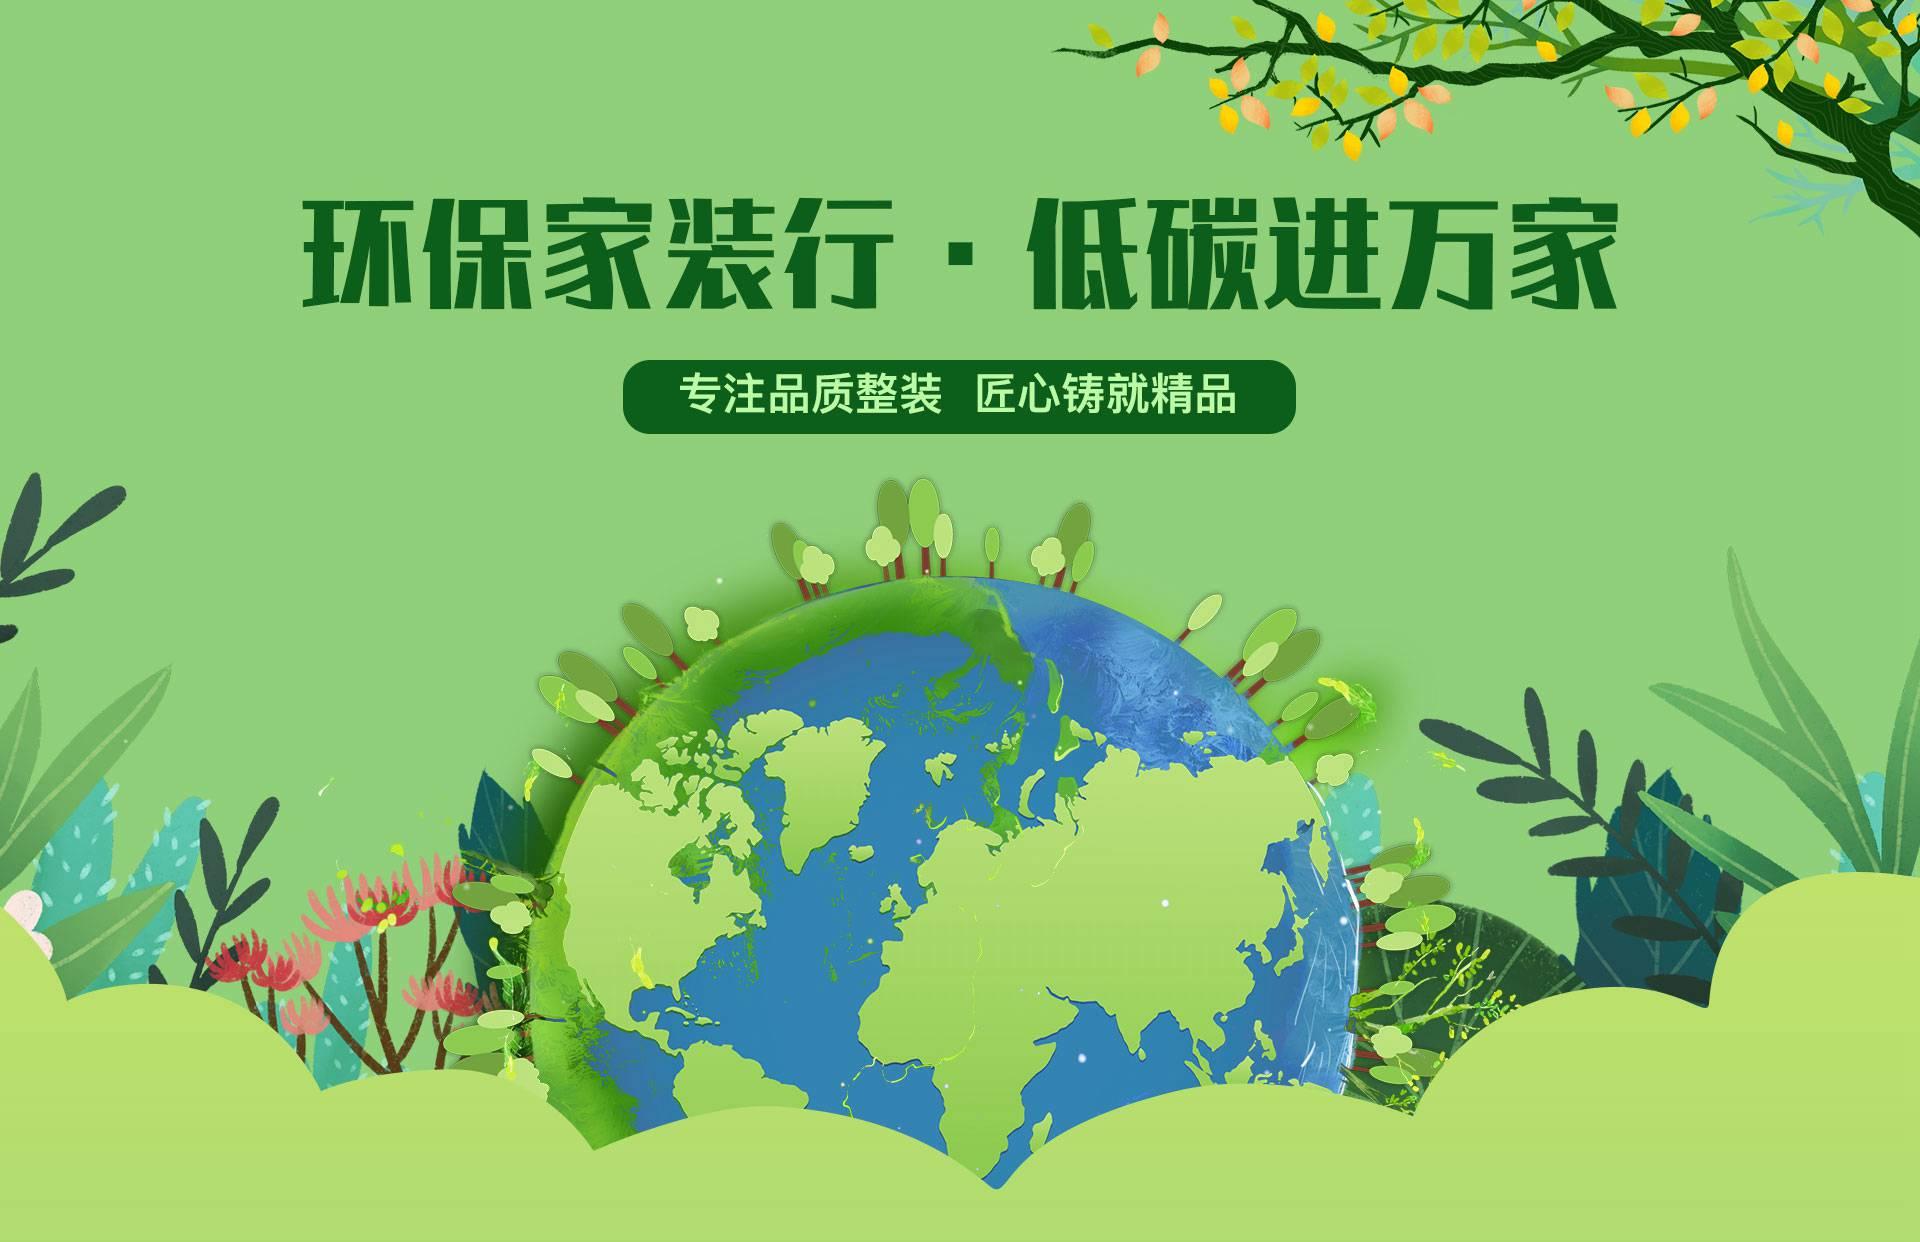 地球日--環保家裝行·低碳進萬家